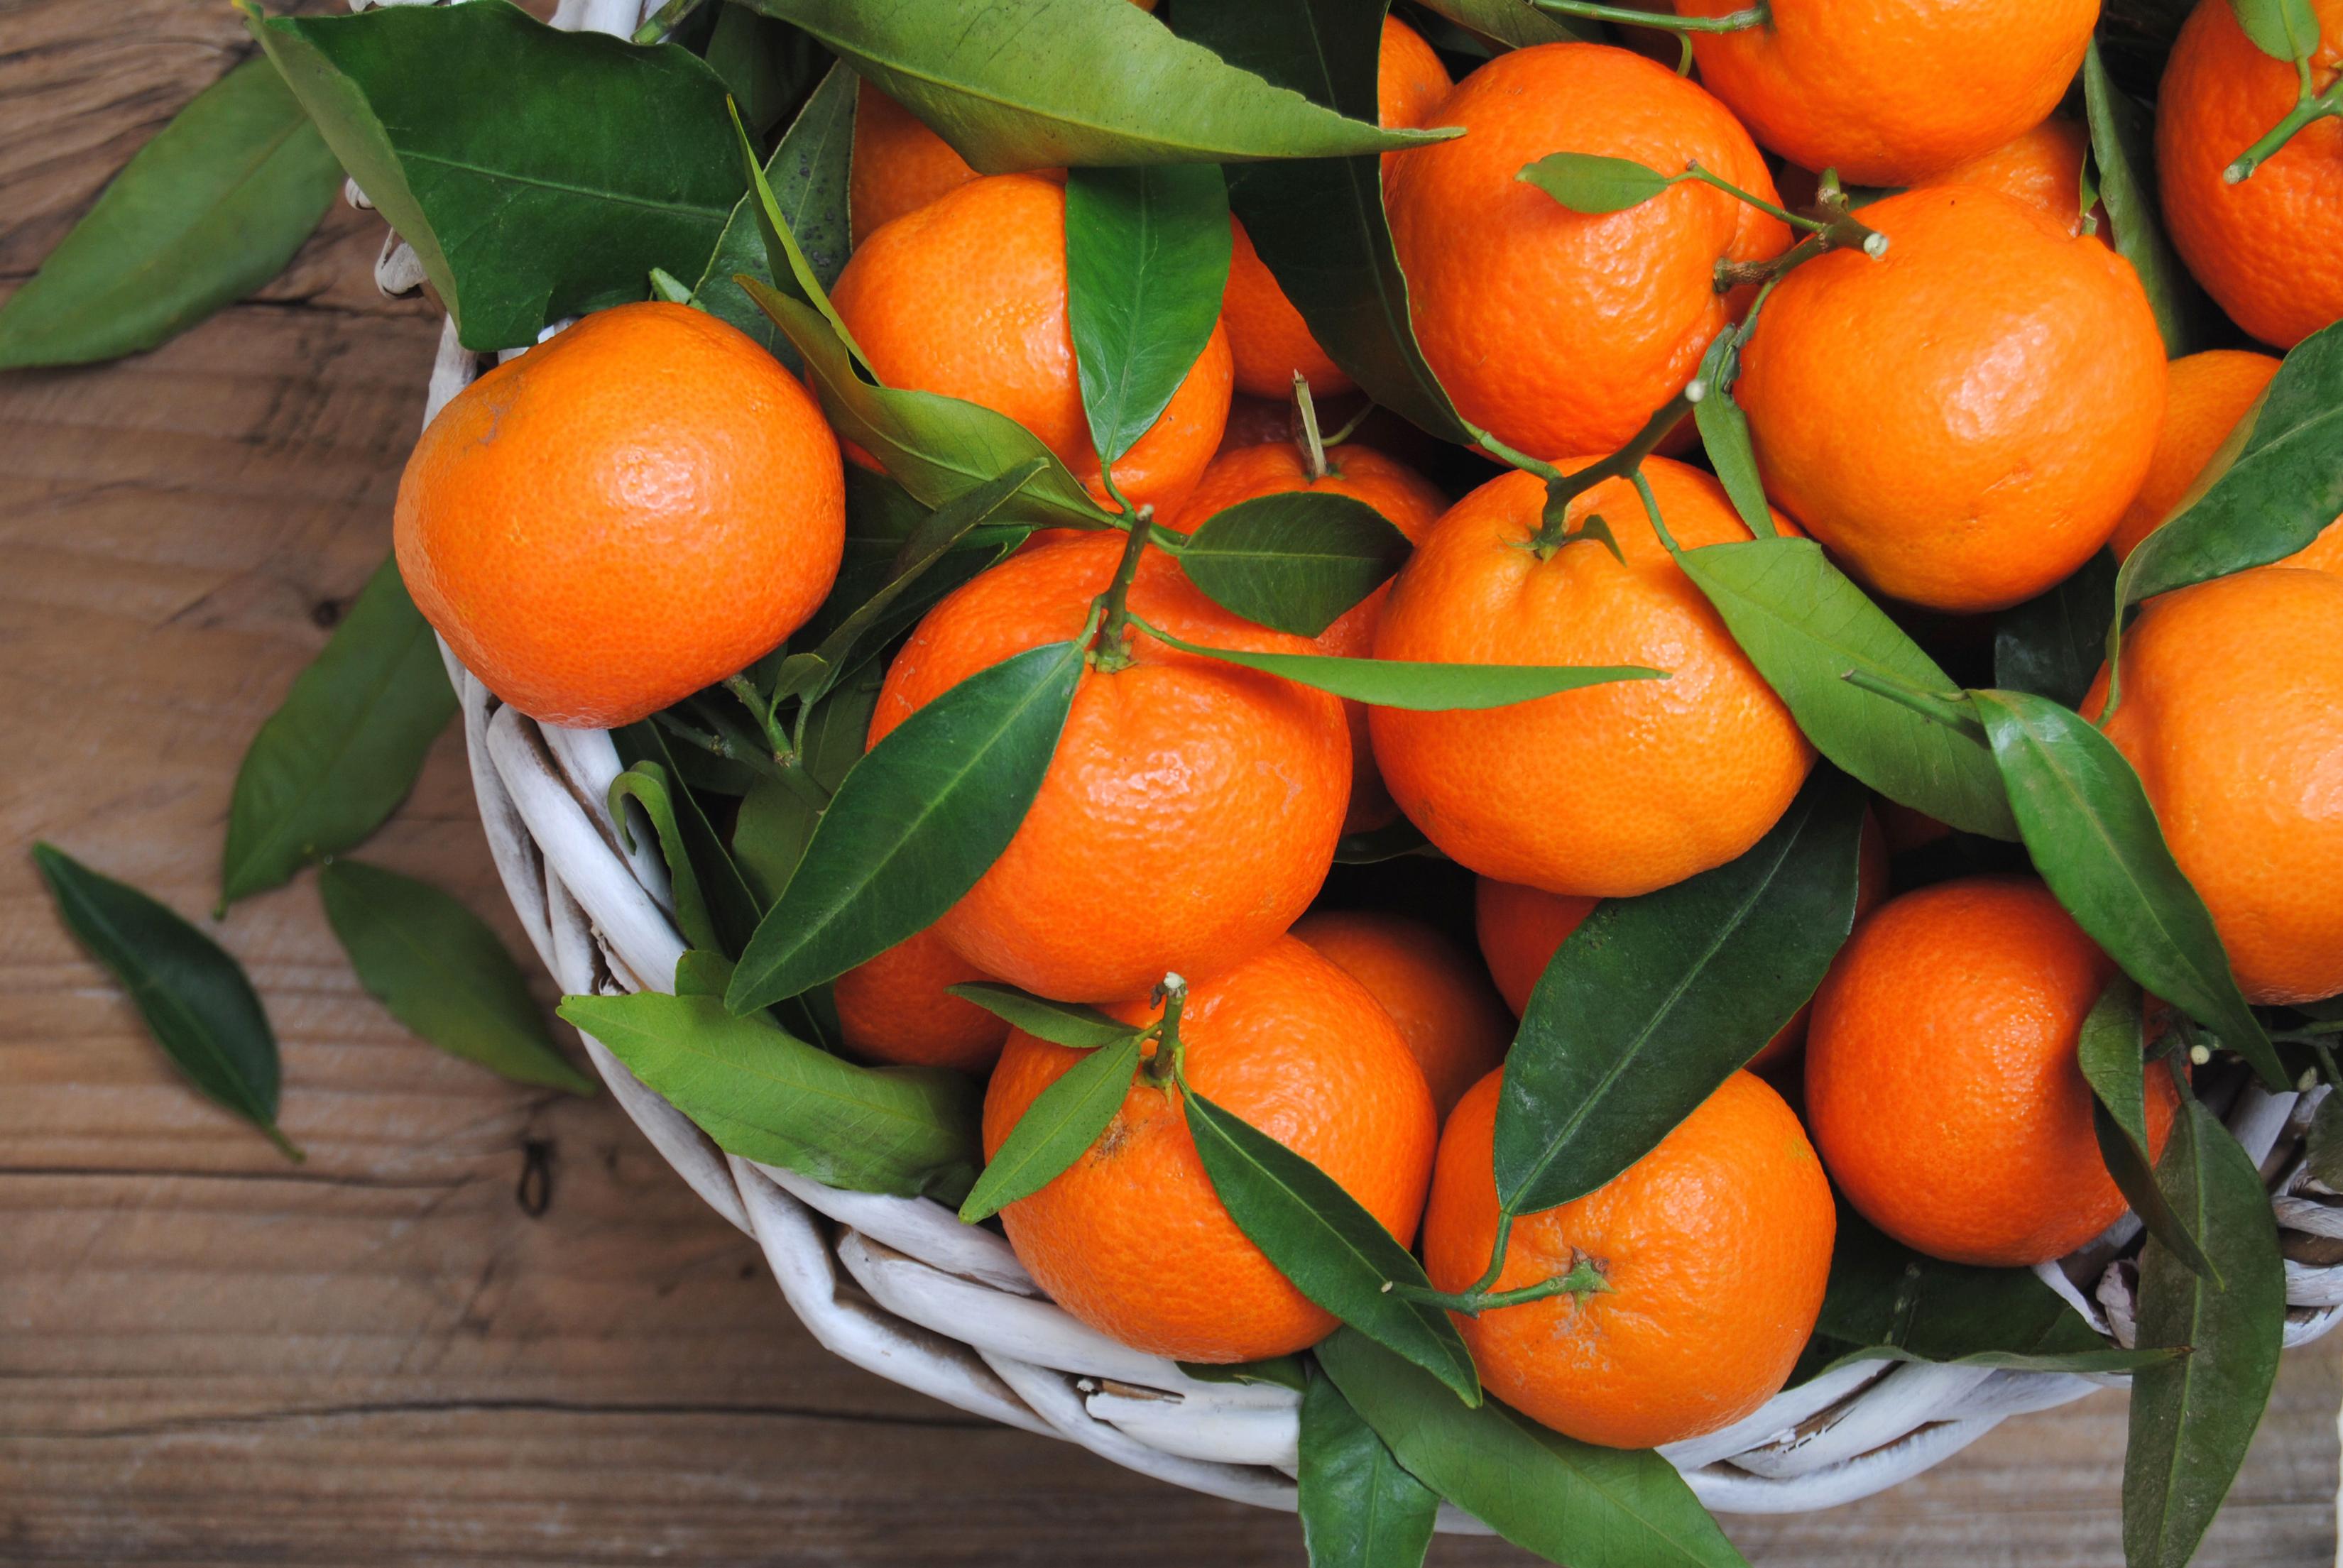 Картинки Листья Мандарины Еда вблизи Цитрусовые лист Листва Пища Продукты питания Крупным планом